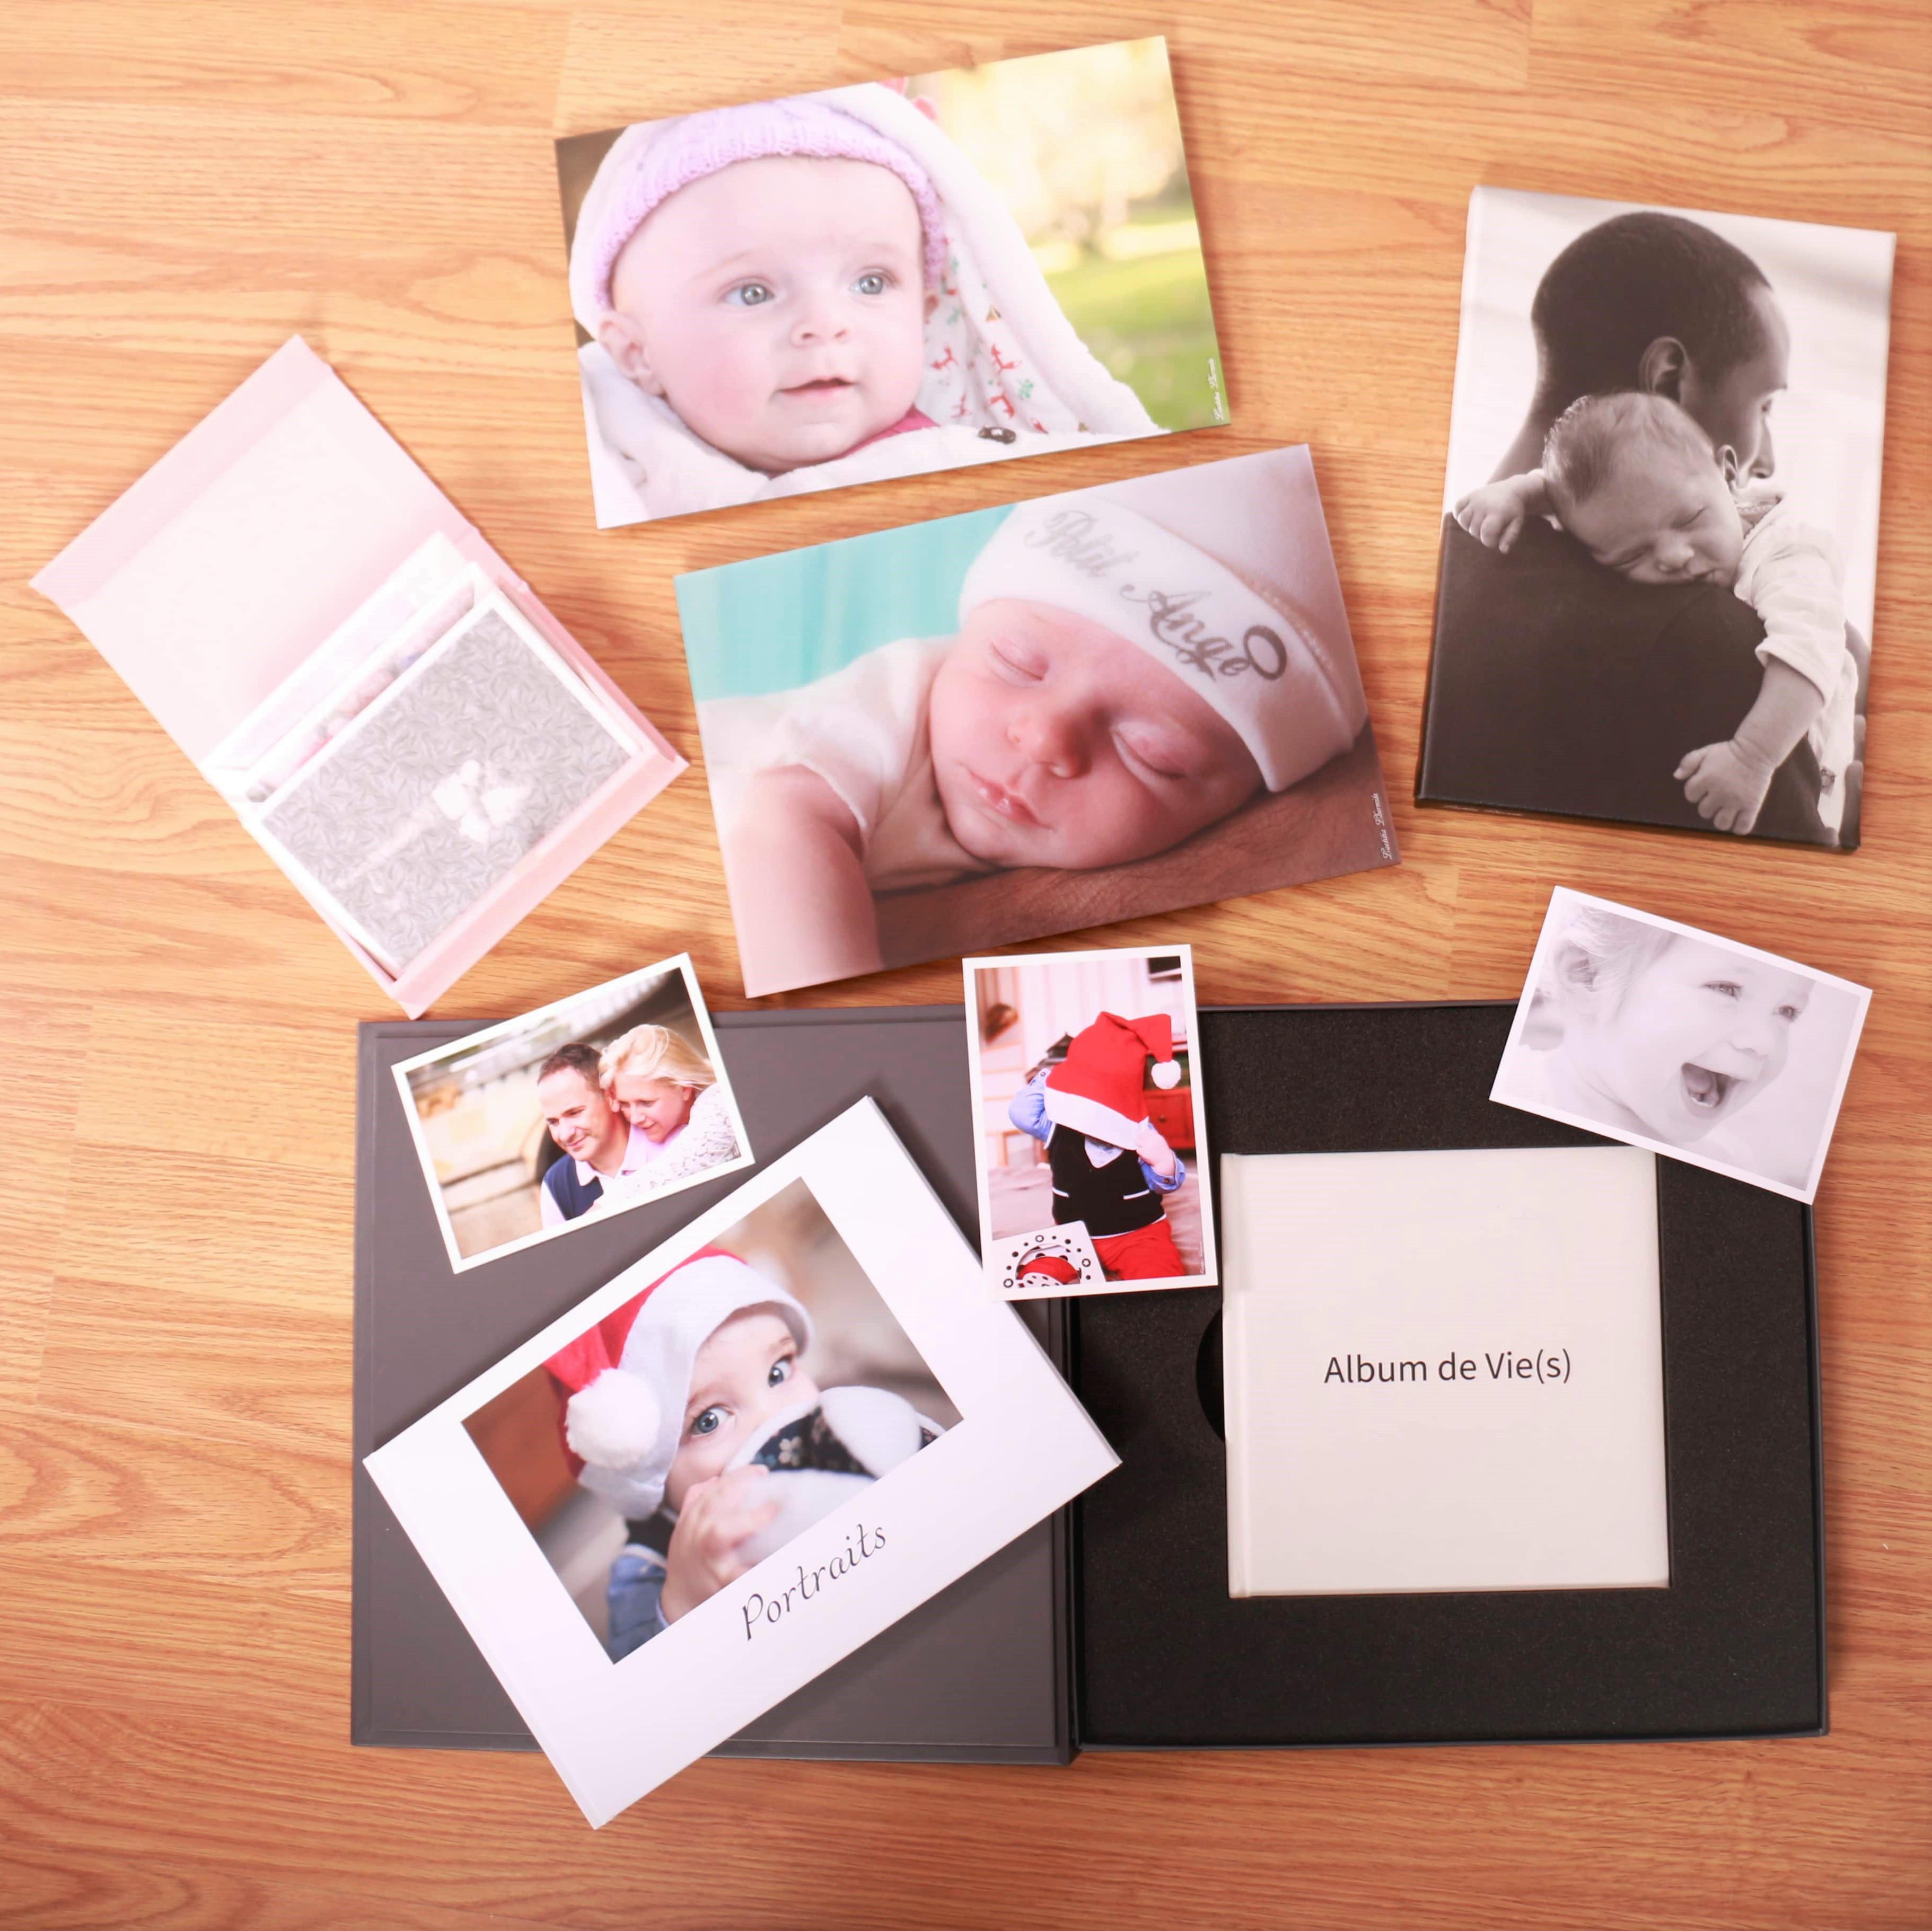 Exemples souvenirs imprimes